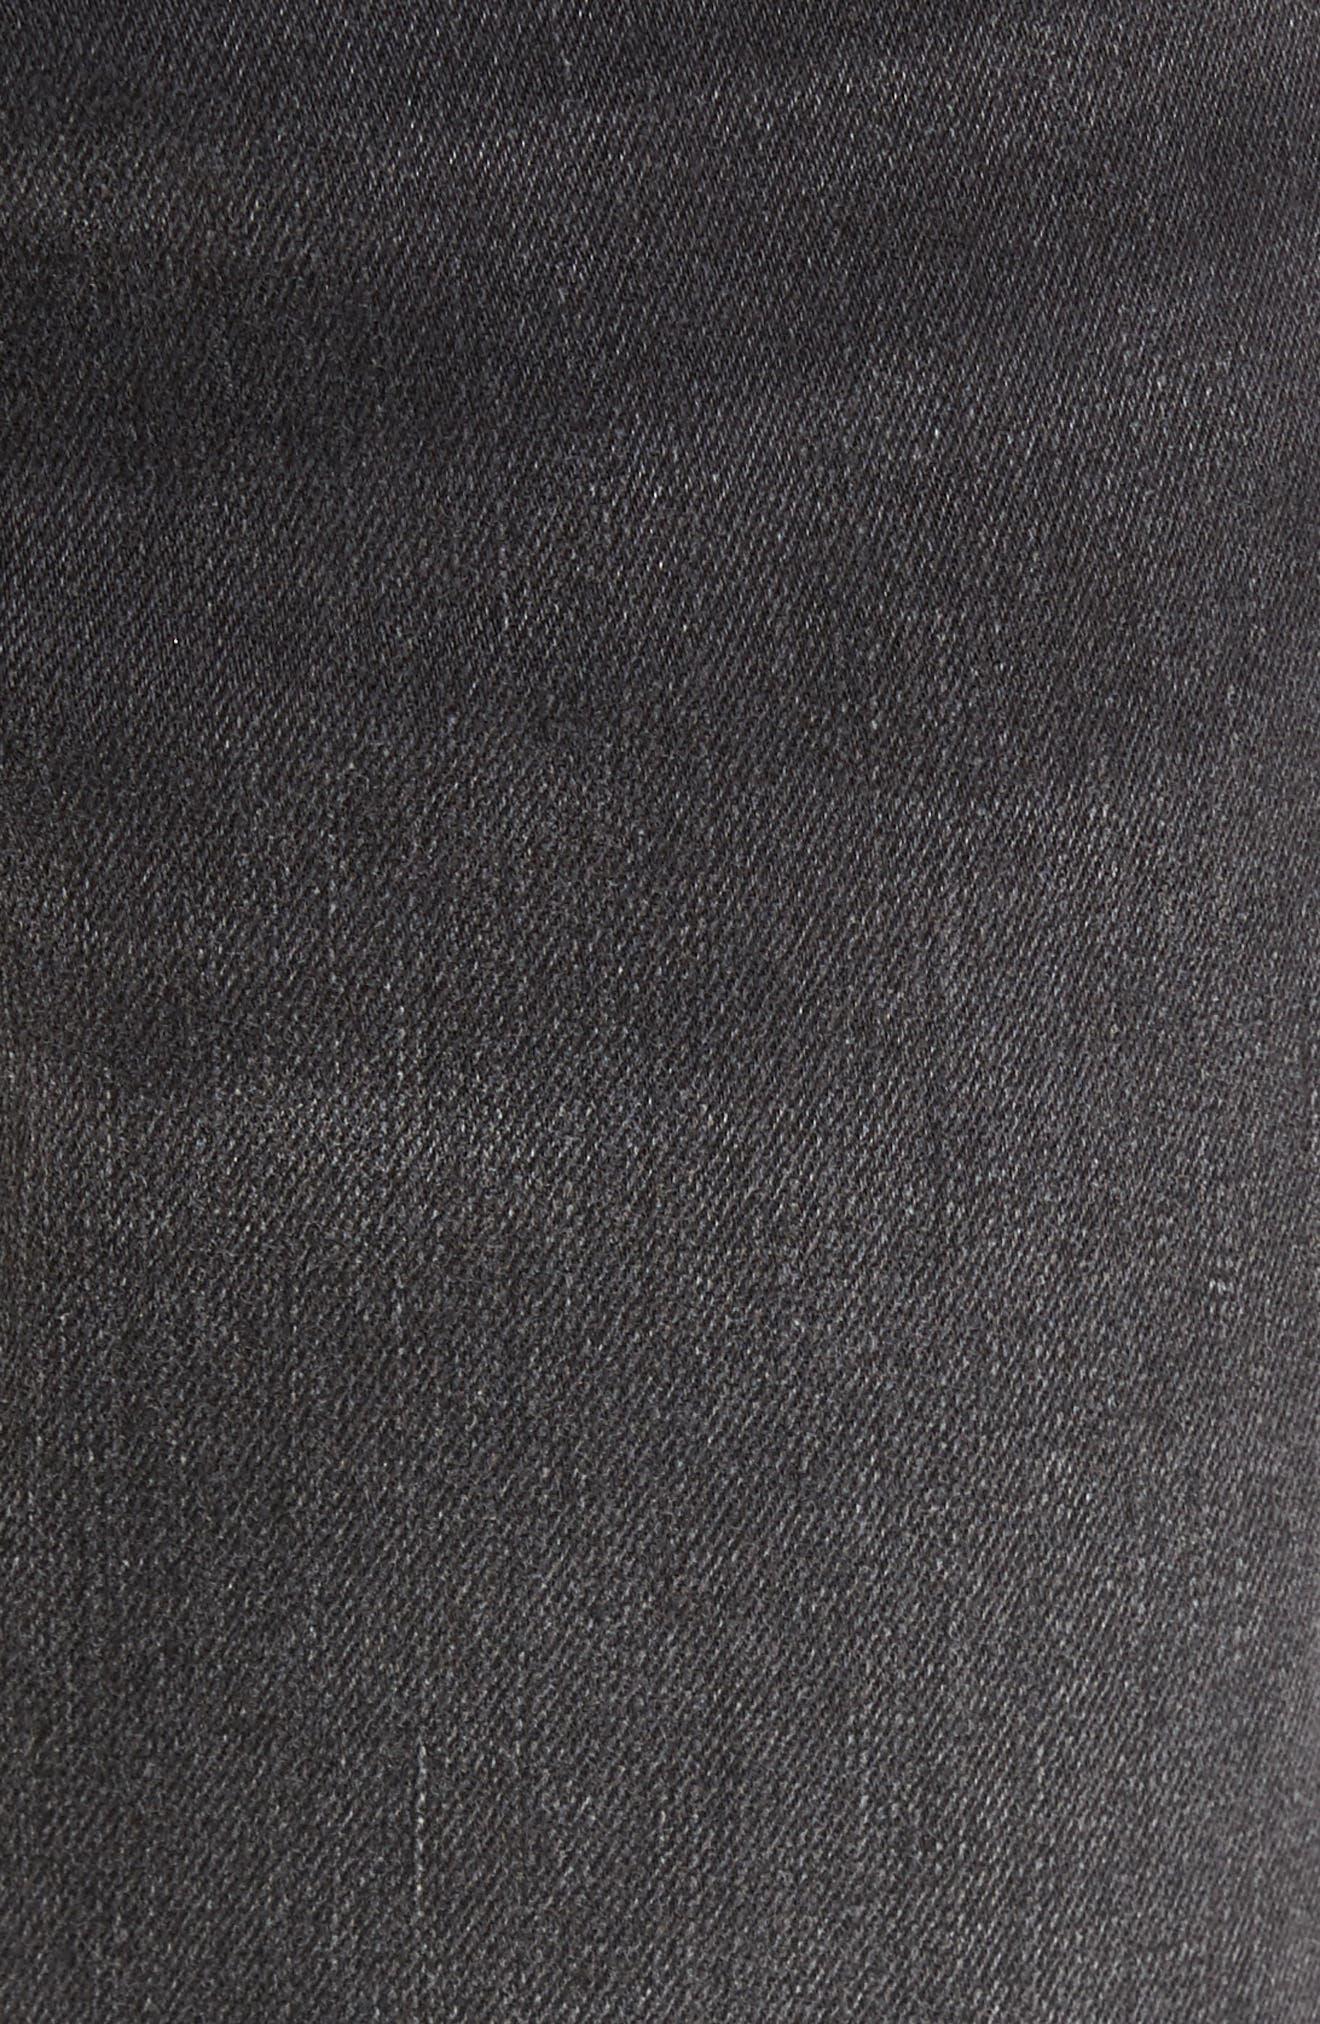 Alternate Image 5  - True Religion Brand Jeans Finn Frayed Skinny Fit Jeans (Dark Envy)